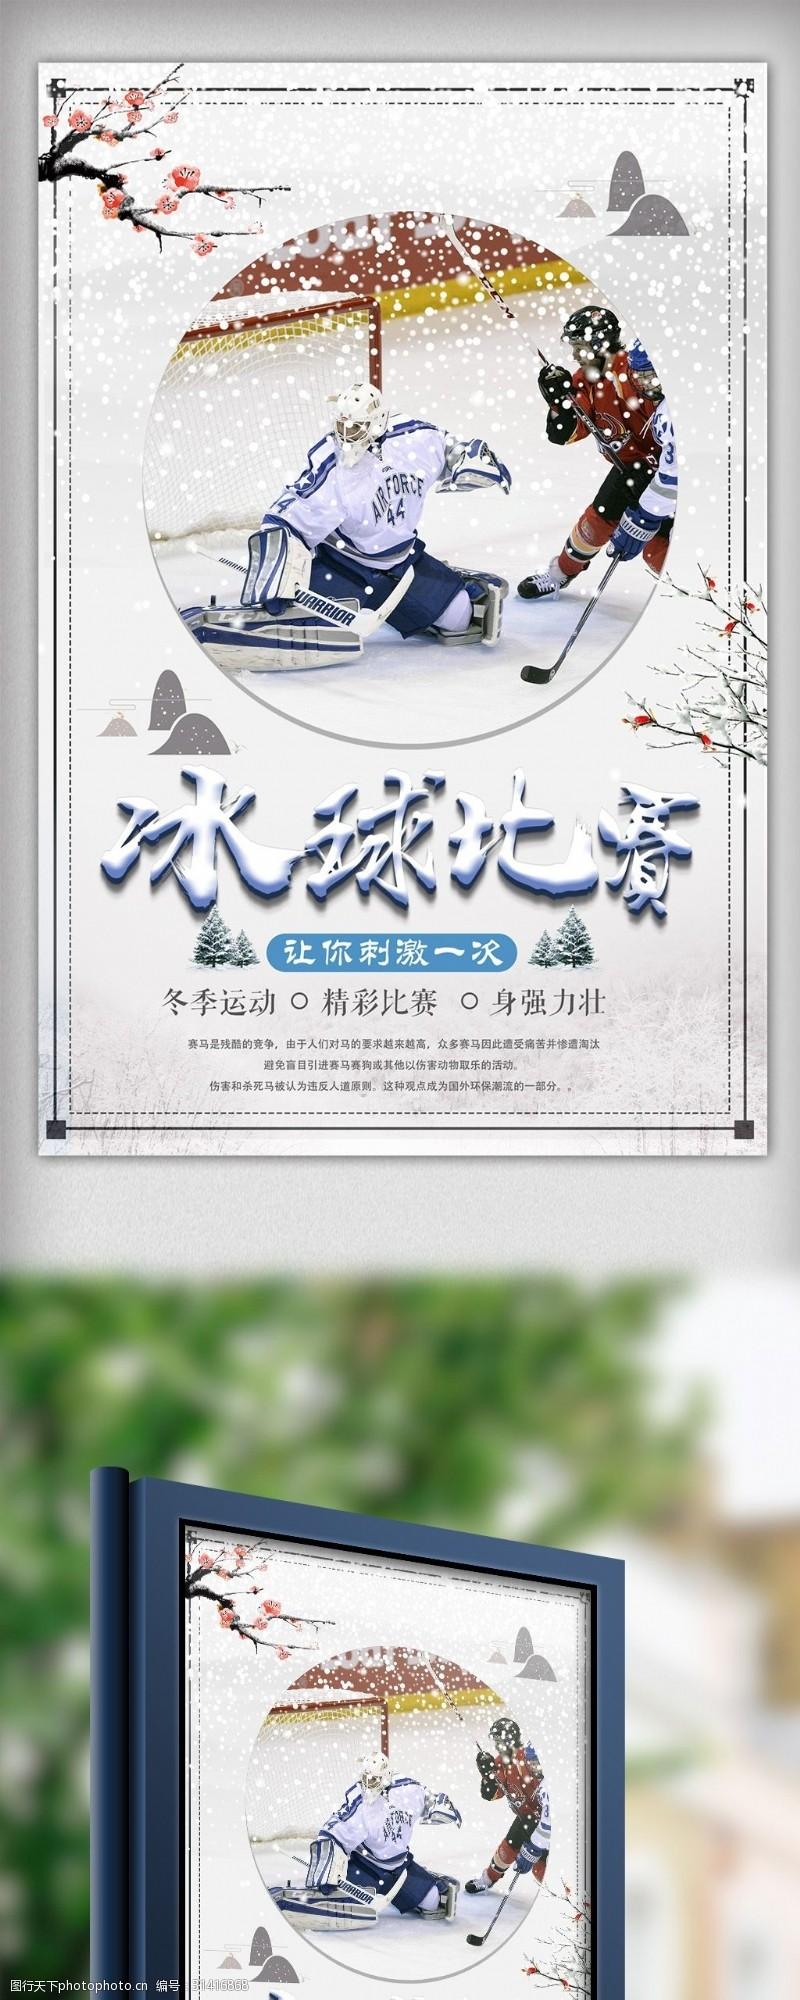 冰球比赛简约中国风冬季体育运动冰球海报